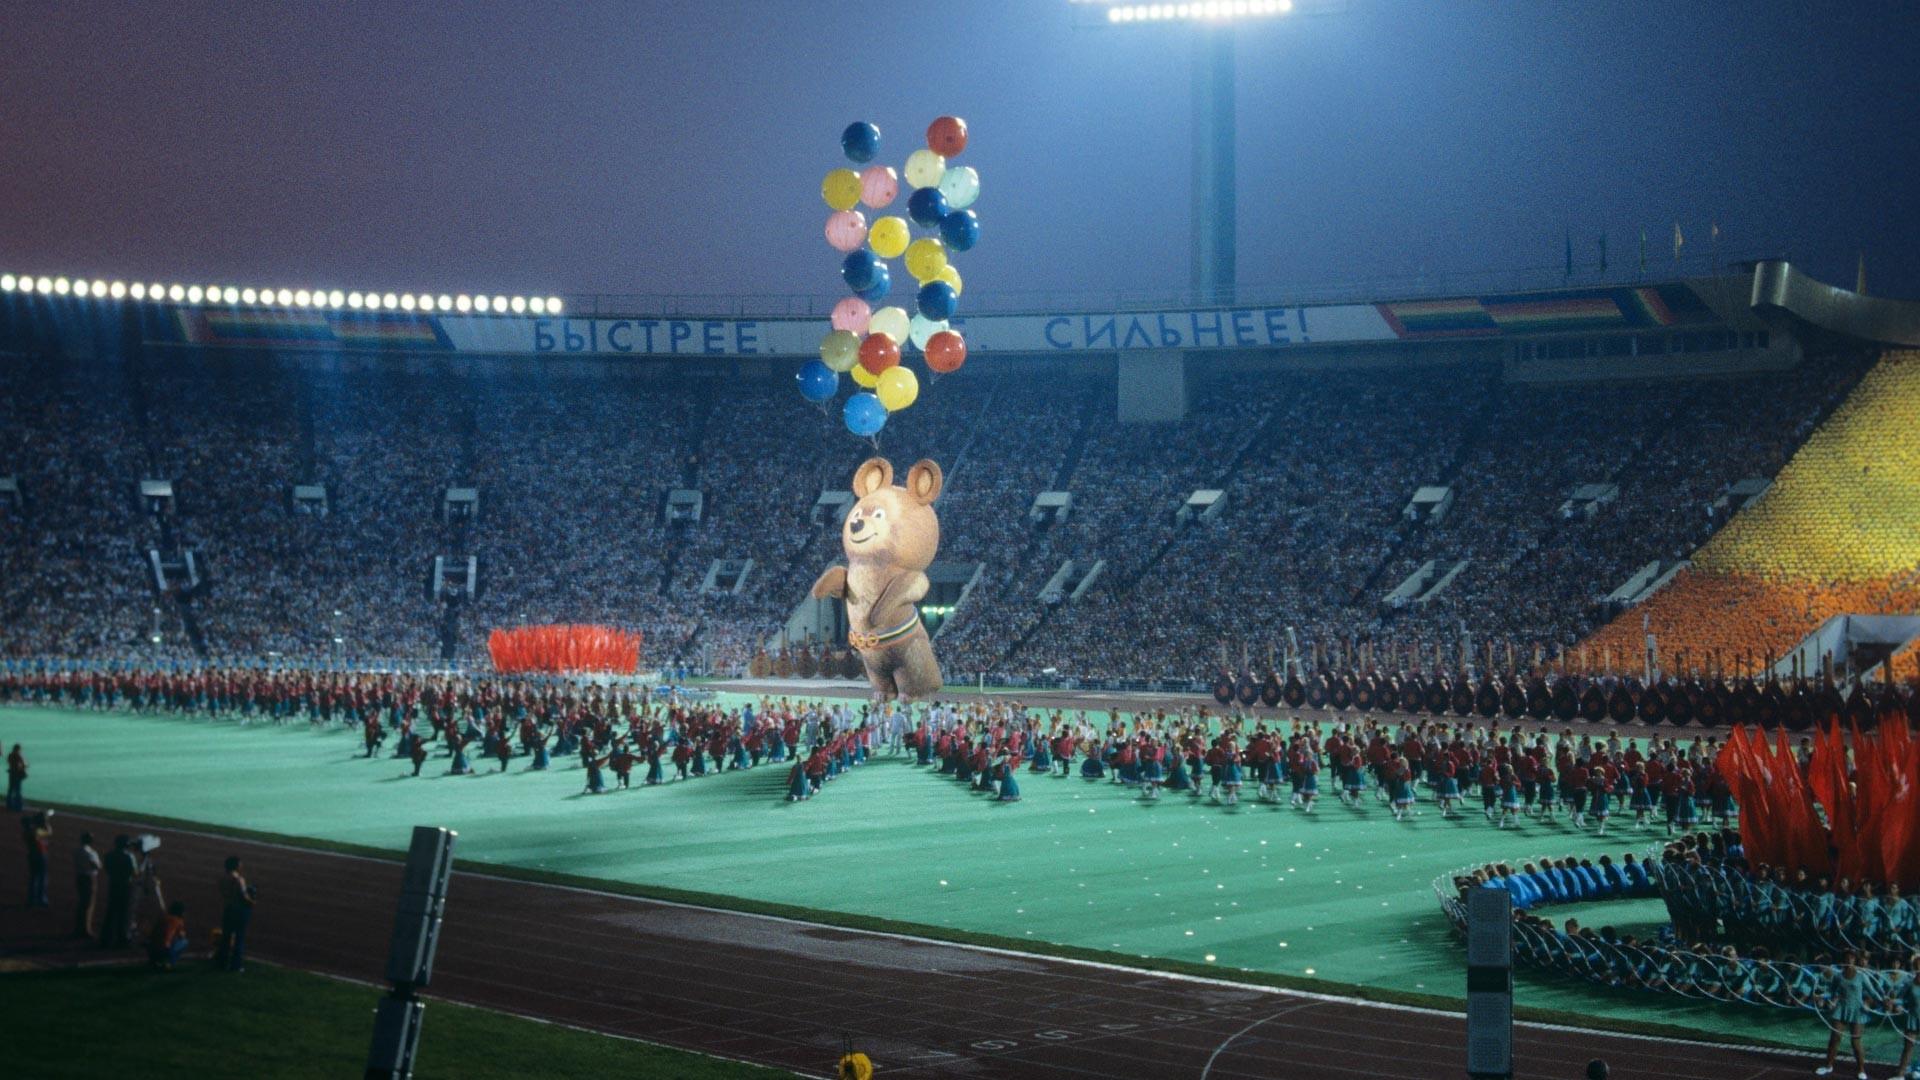 Cerimônia de encerramento dos Jogos Olímpicos de Verão em Moscou